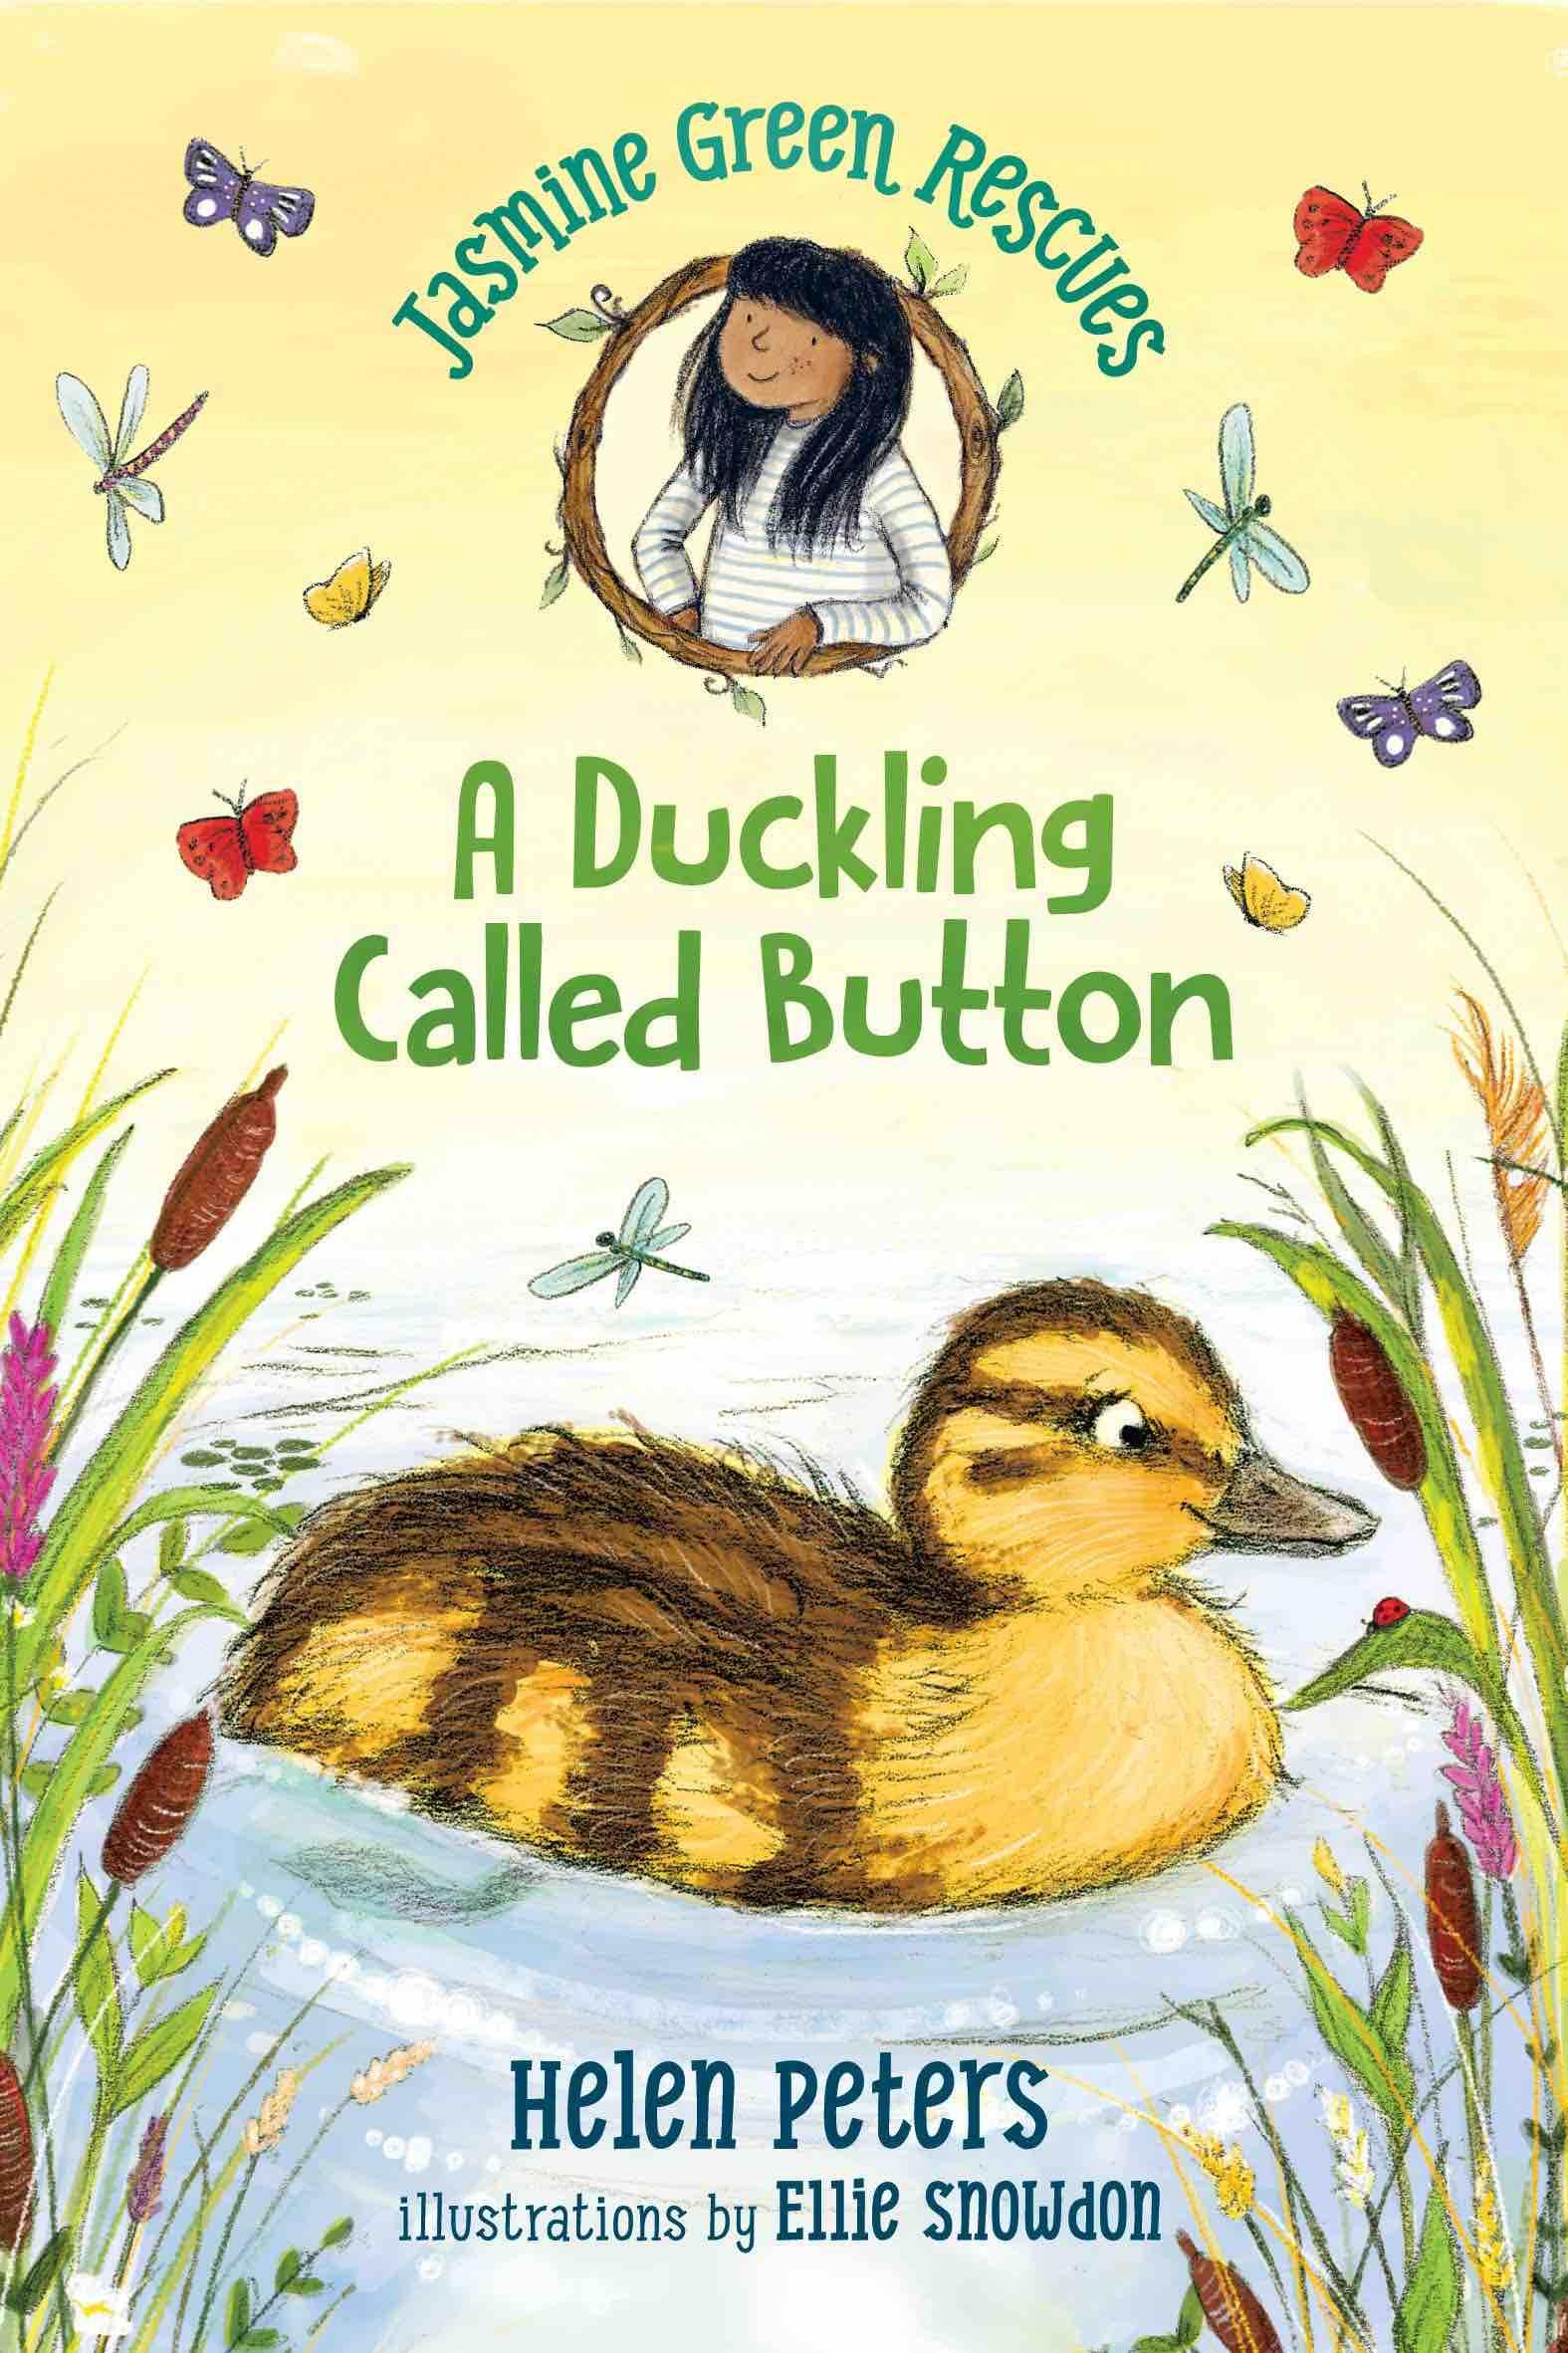 Jasmine Green Duckling Called Button